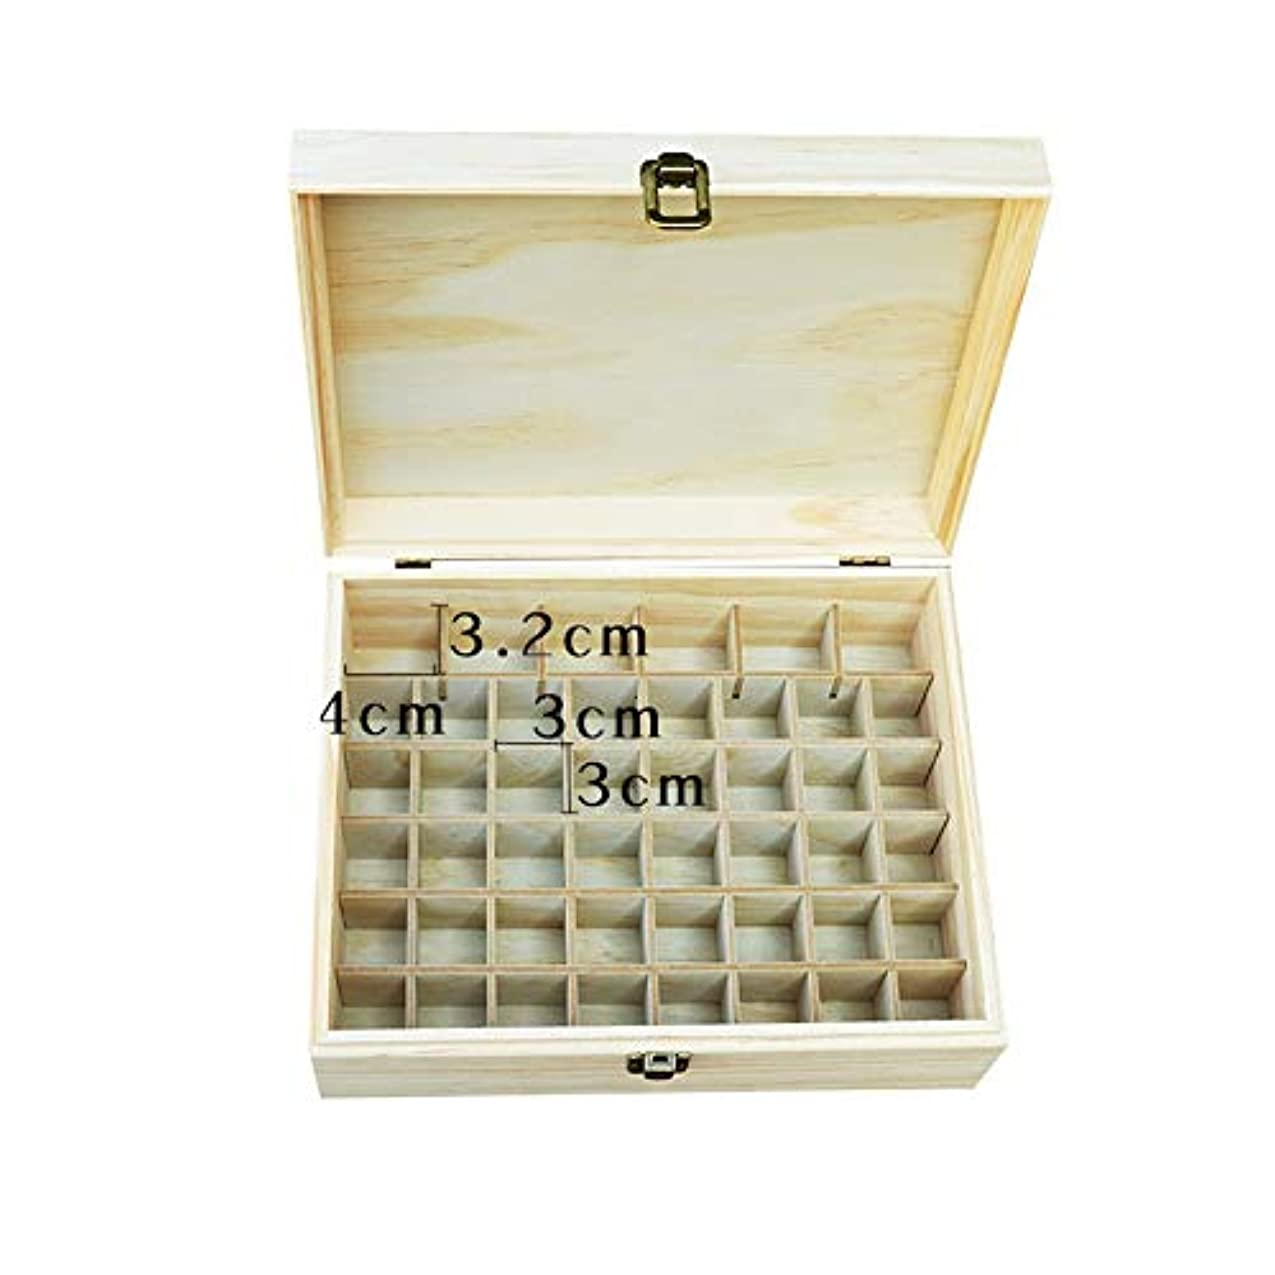 現代人工的な解放するエッセンシャルオイルの保管 大46ボトル木製のエッセンシャルオイルの収納ボックス (色 : Natural, サイズ : 22.2X10.2X8.2CM)